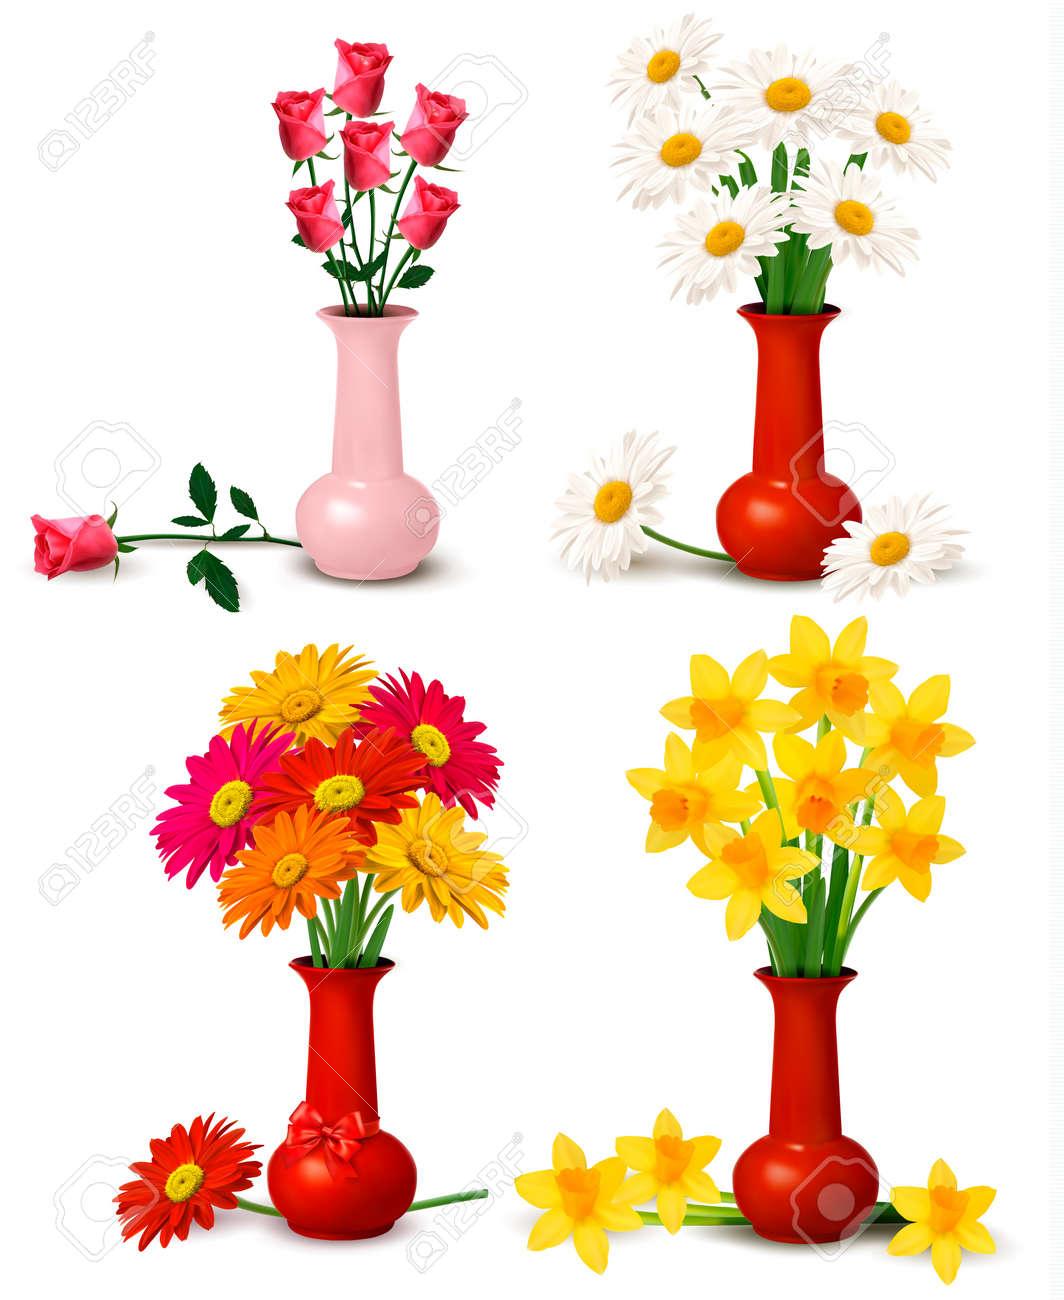 floreros con flores de primavera y verano coloridas flores en los floreros